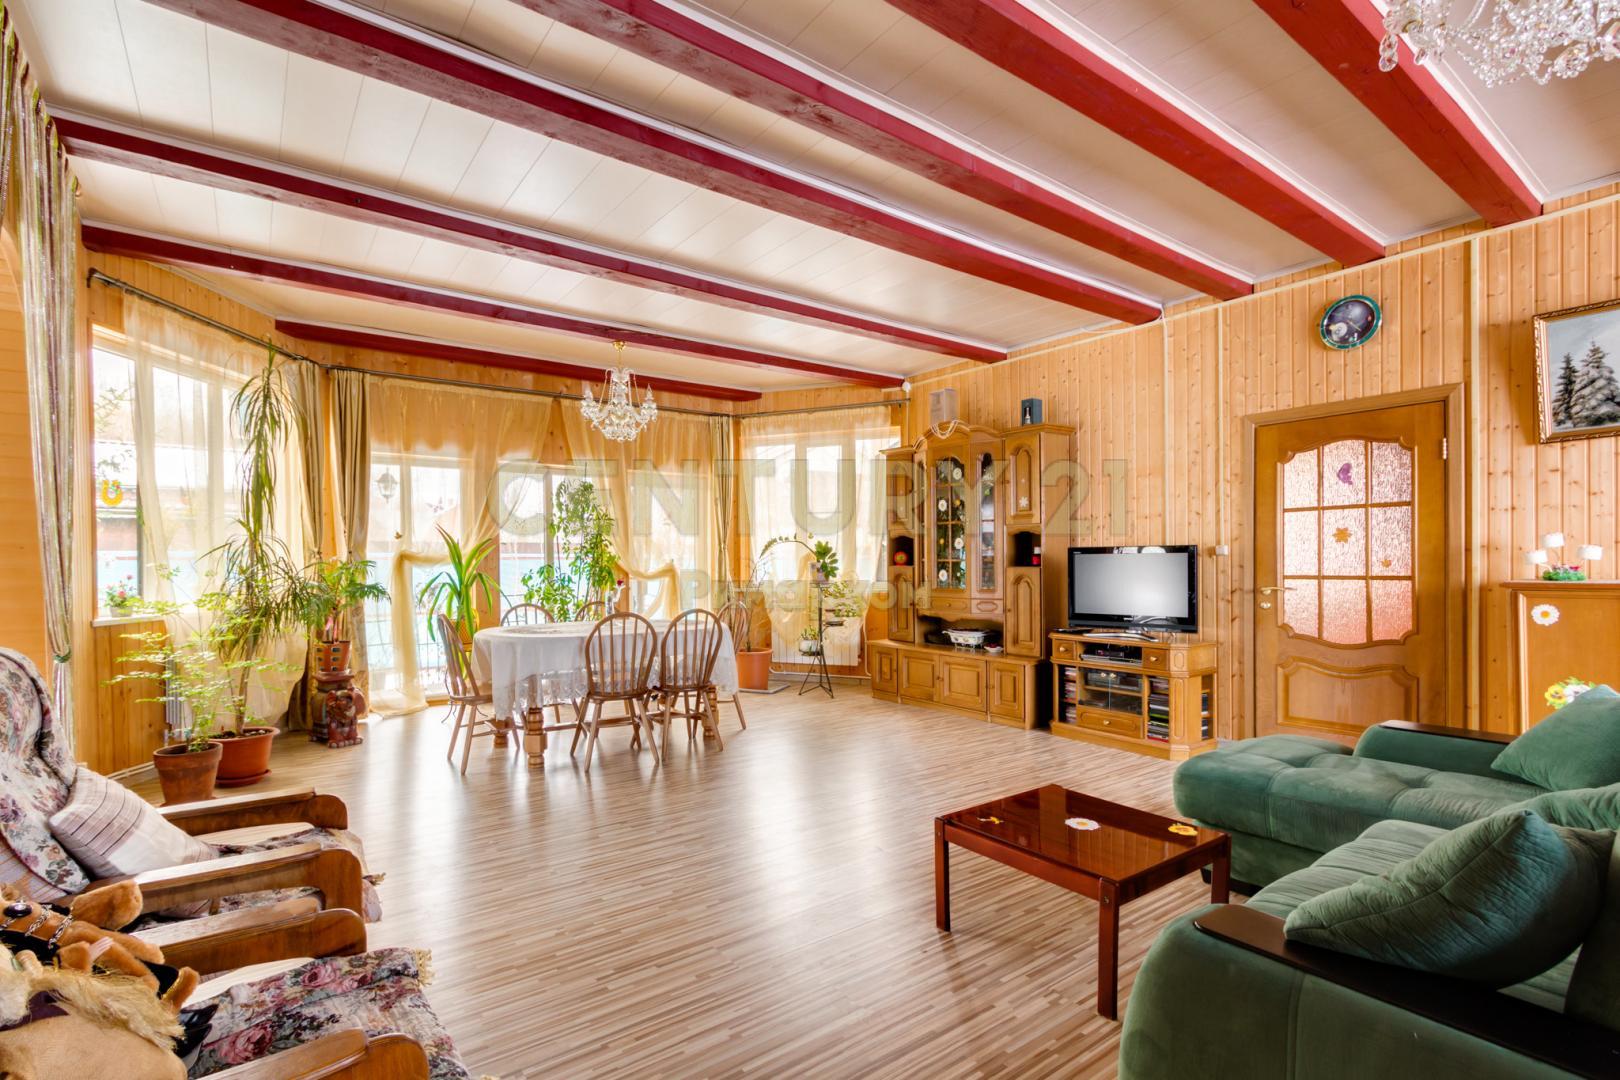 Продам дом по адресу Россия, Троицкий административный округ, Каменка фото 7 по выгодной цене